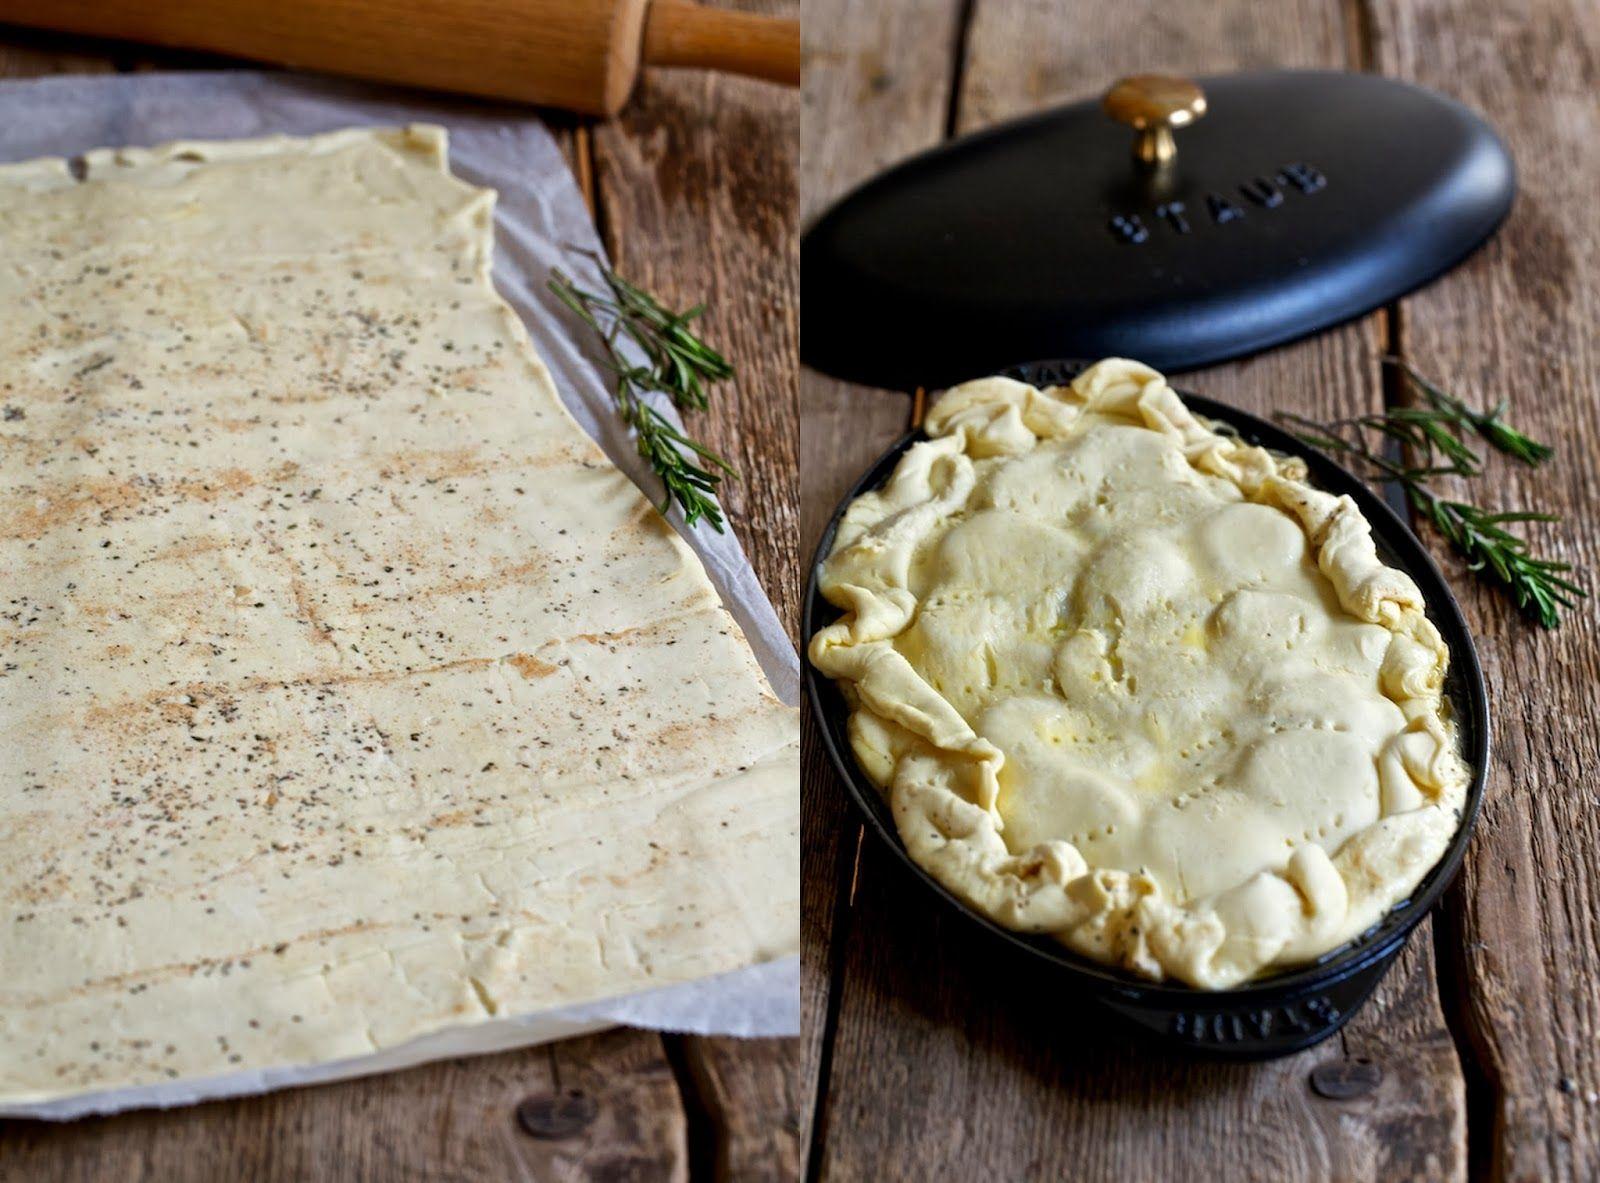 Gestürzter Kartoffelkuchen oder Tarte Tatin, dreimal verkehrt